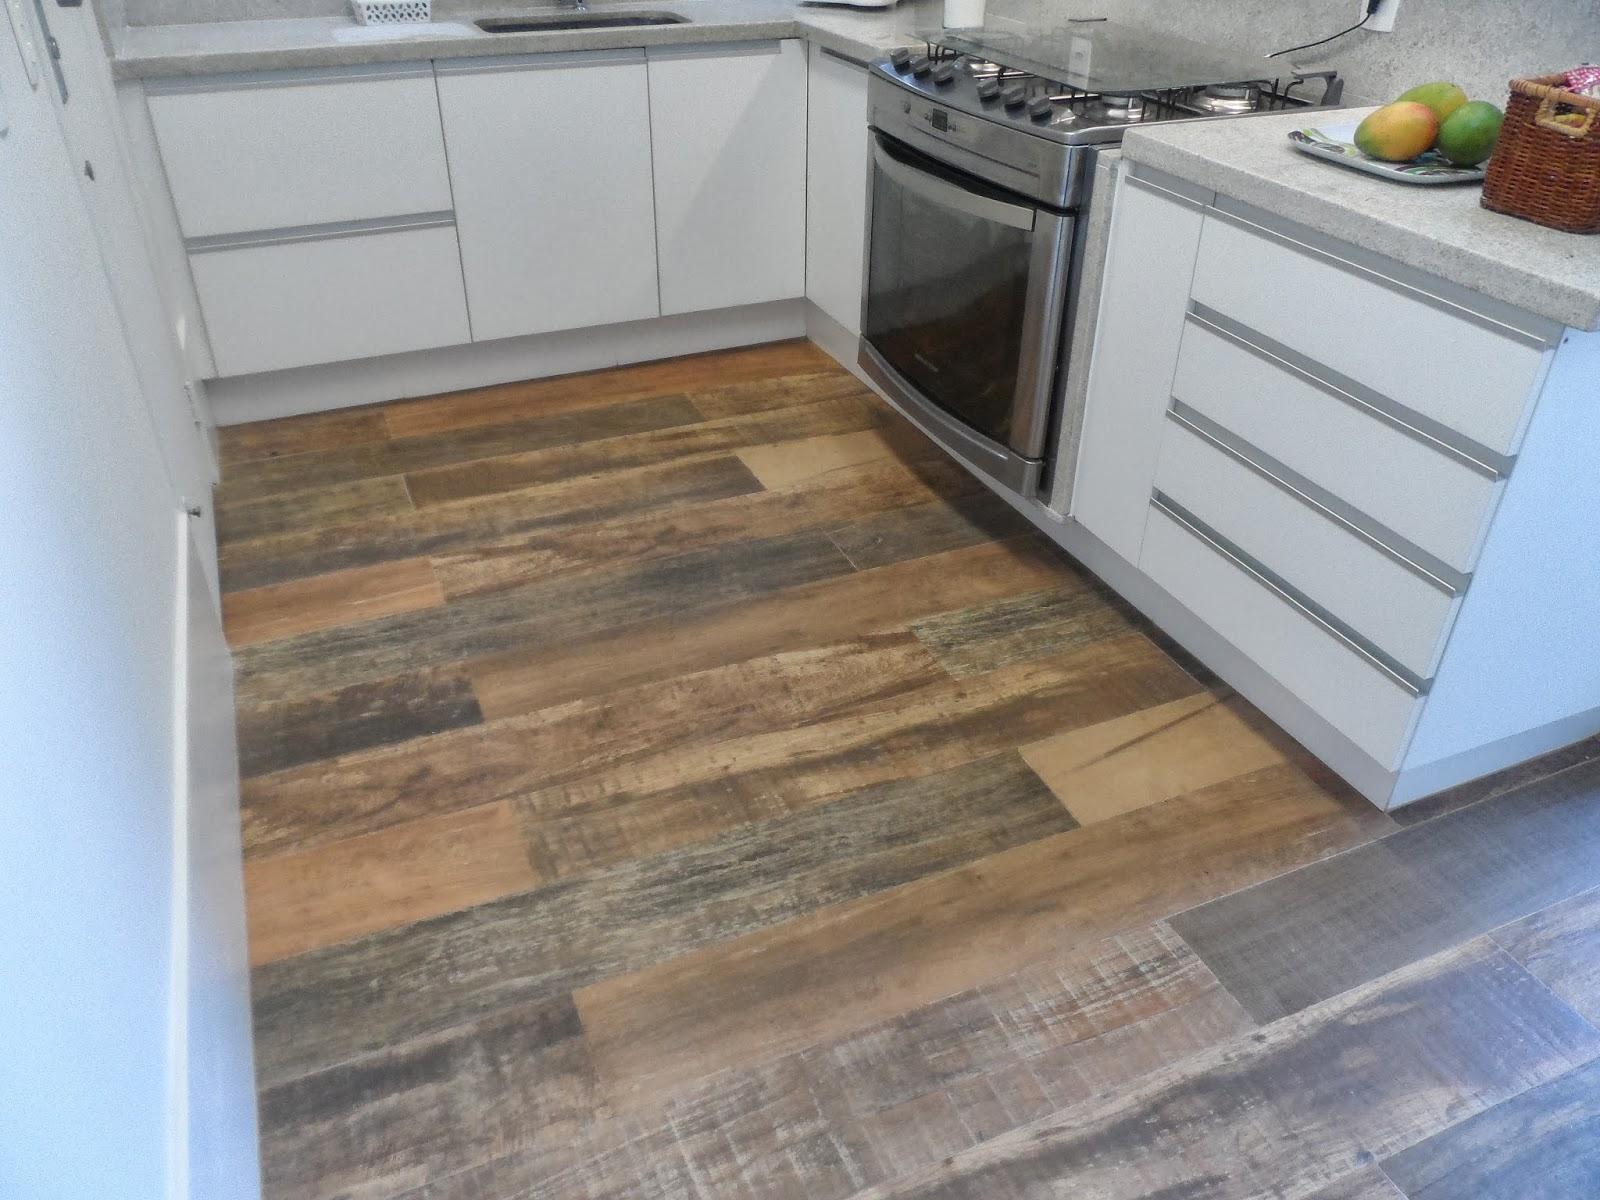 Depois: piso porcelanato imitando madeira de demolição e rodapé de  #426289 1600x1200 Banheiro Com Piso Porcelanato Imitando Madeira